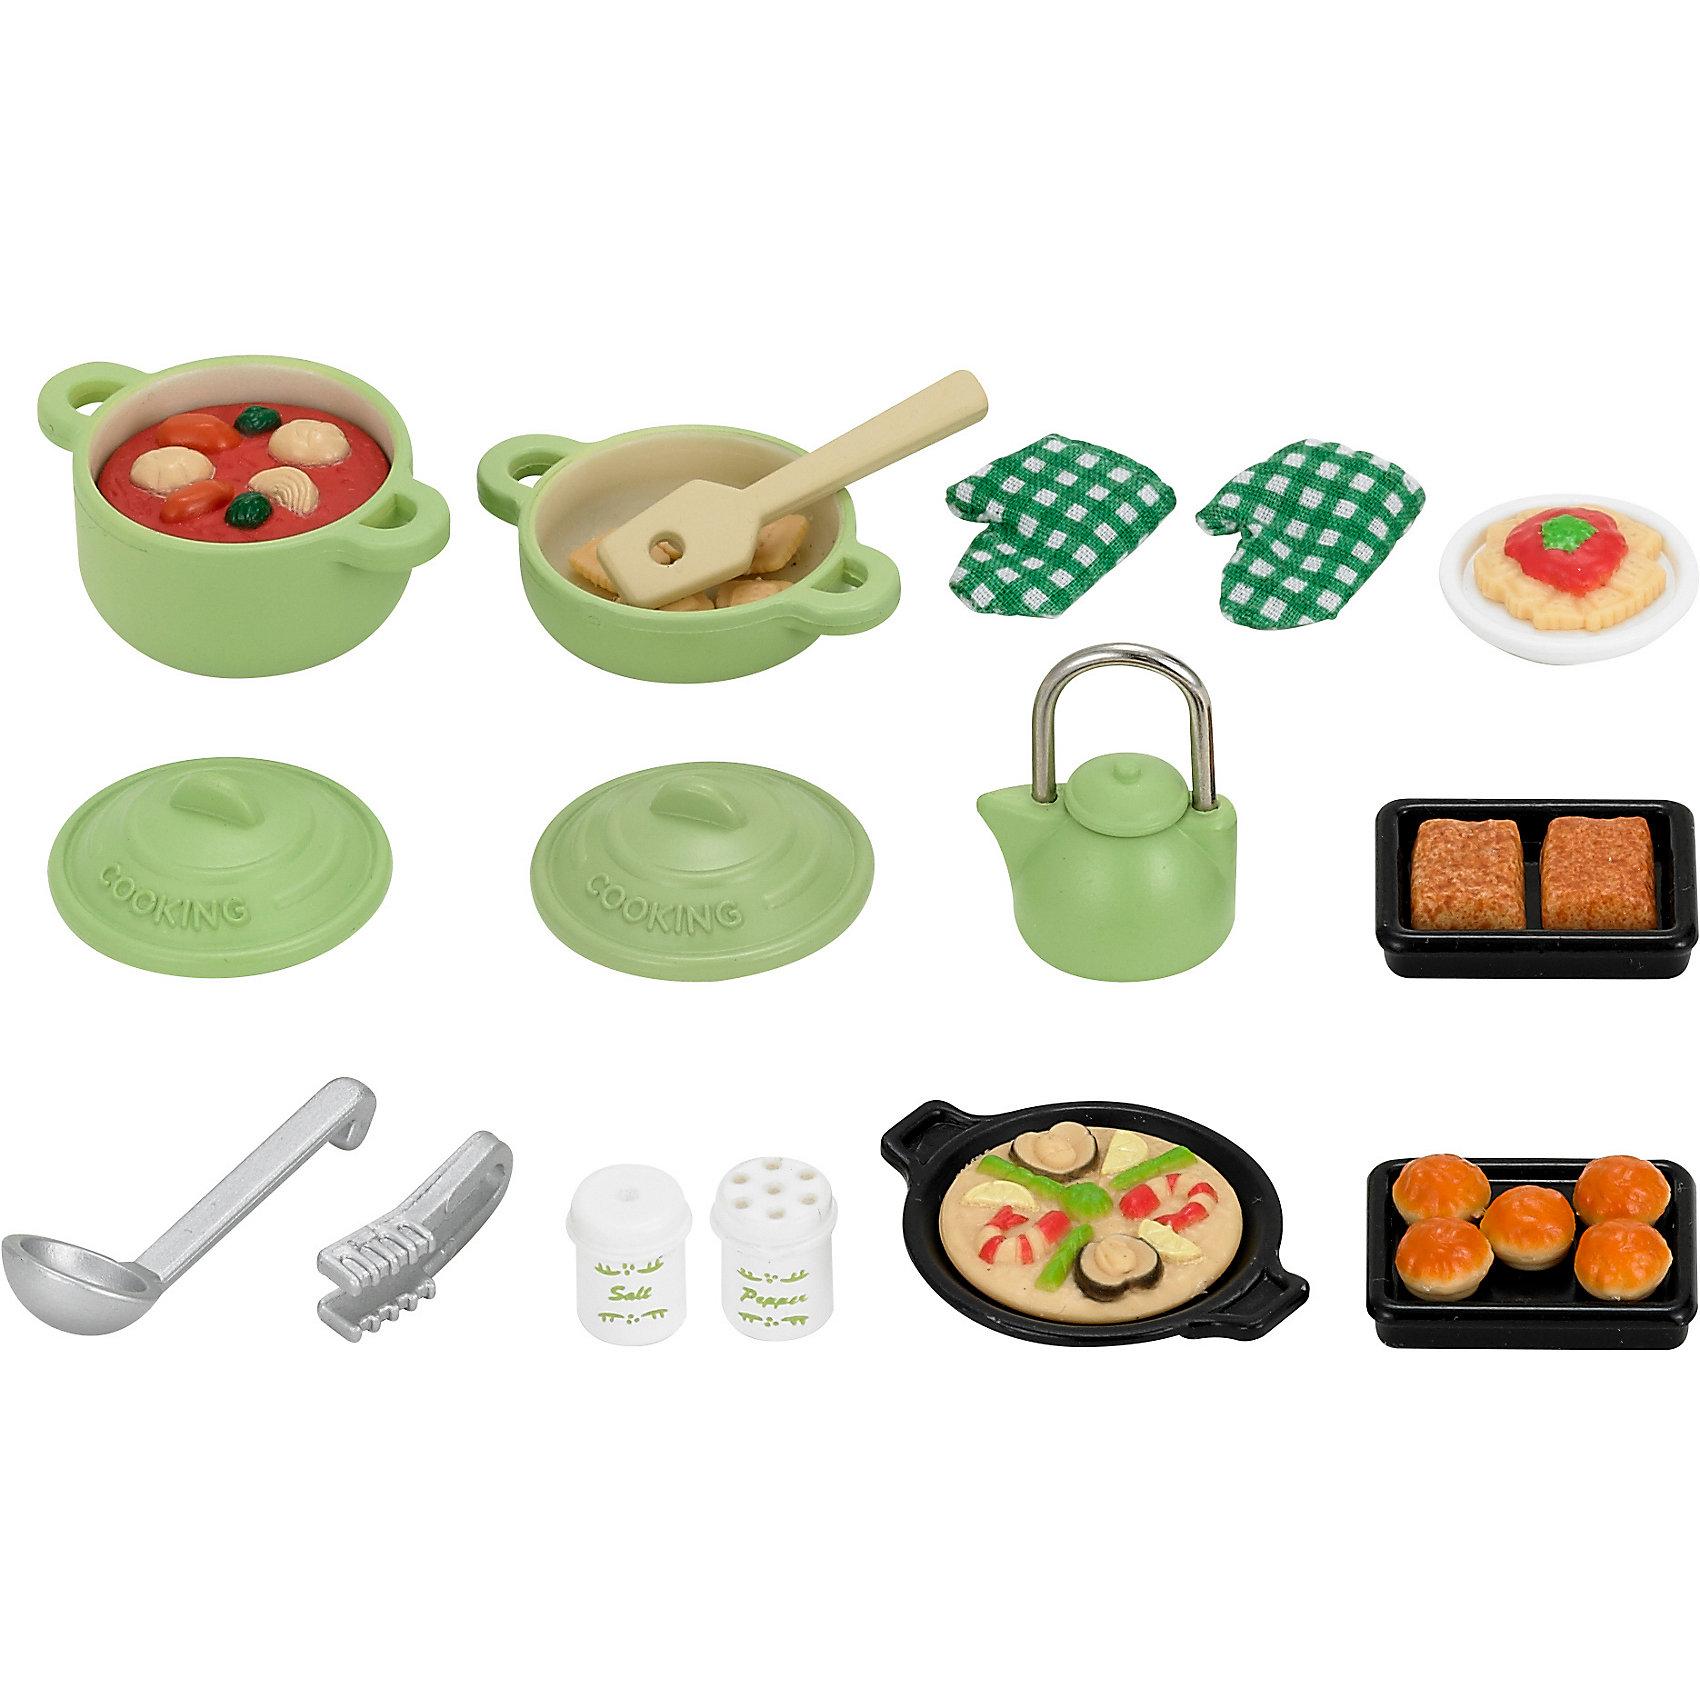 Набор Большой обед Sylvanian FamiliesНабор Большой обед Sylvanian Families (Сильваниан Фэмилиес)  включает игрушечную посуду, продукты и кухонные принадлежности  для приготовления еды.<br><br>В комплекте:<br>- кастрюля с крышкой, в которой готовится рагу 3x4x2 см;<br>- маленькая кастрюля с крышкой 3x4x1 см;<br>- чайник с крышкой;<br>- 2 противня;<br>- 2 прихватки;<br>- шипцы;<br>- черпак;<br>- лопатка;<br>- блюдо с пиццей;<br>- тарелка с едой;<br>- солонка, перечница;<br>- 5 кексов;<br>- 6 крекеров;<br>- 2 пирожка.<br><br>Материал: высококачественная пластмасса<br>Размеры: 13 * 3 * 14 см.<br><br>Ширина мм: 144<br>Глубина мм: 131<br>Высота мм: 32<br>Вес г: 87<br>Возраст от месяцев: 36<br>Возраст до месяцев: 72<br>Пол: Женский<br>Возраст: Детский<br>SKU: 2328099